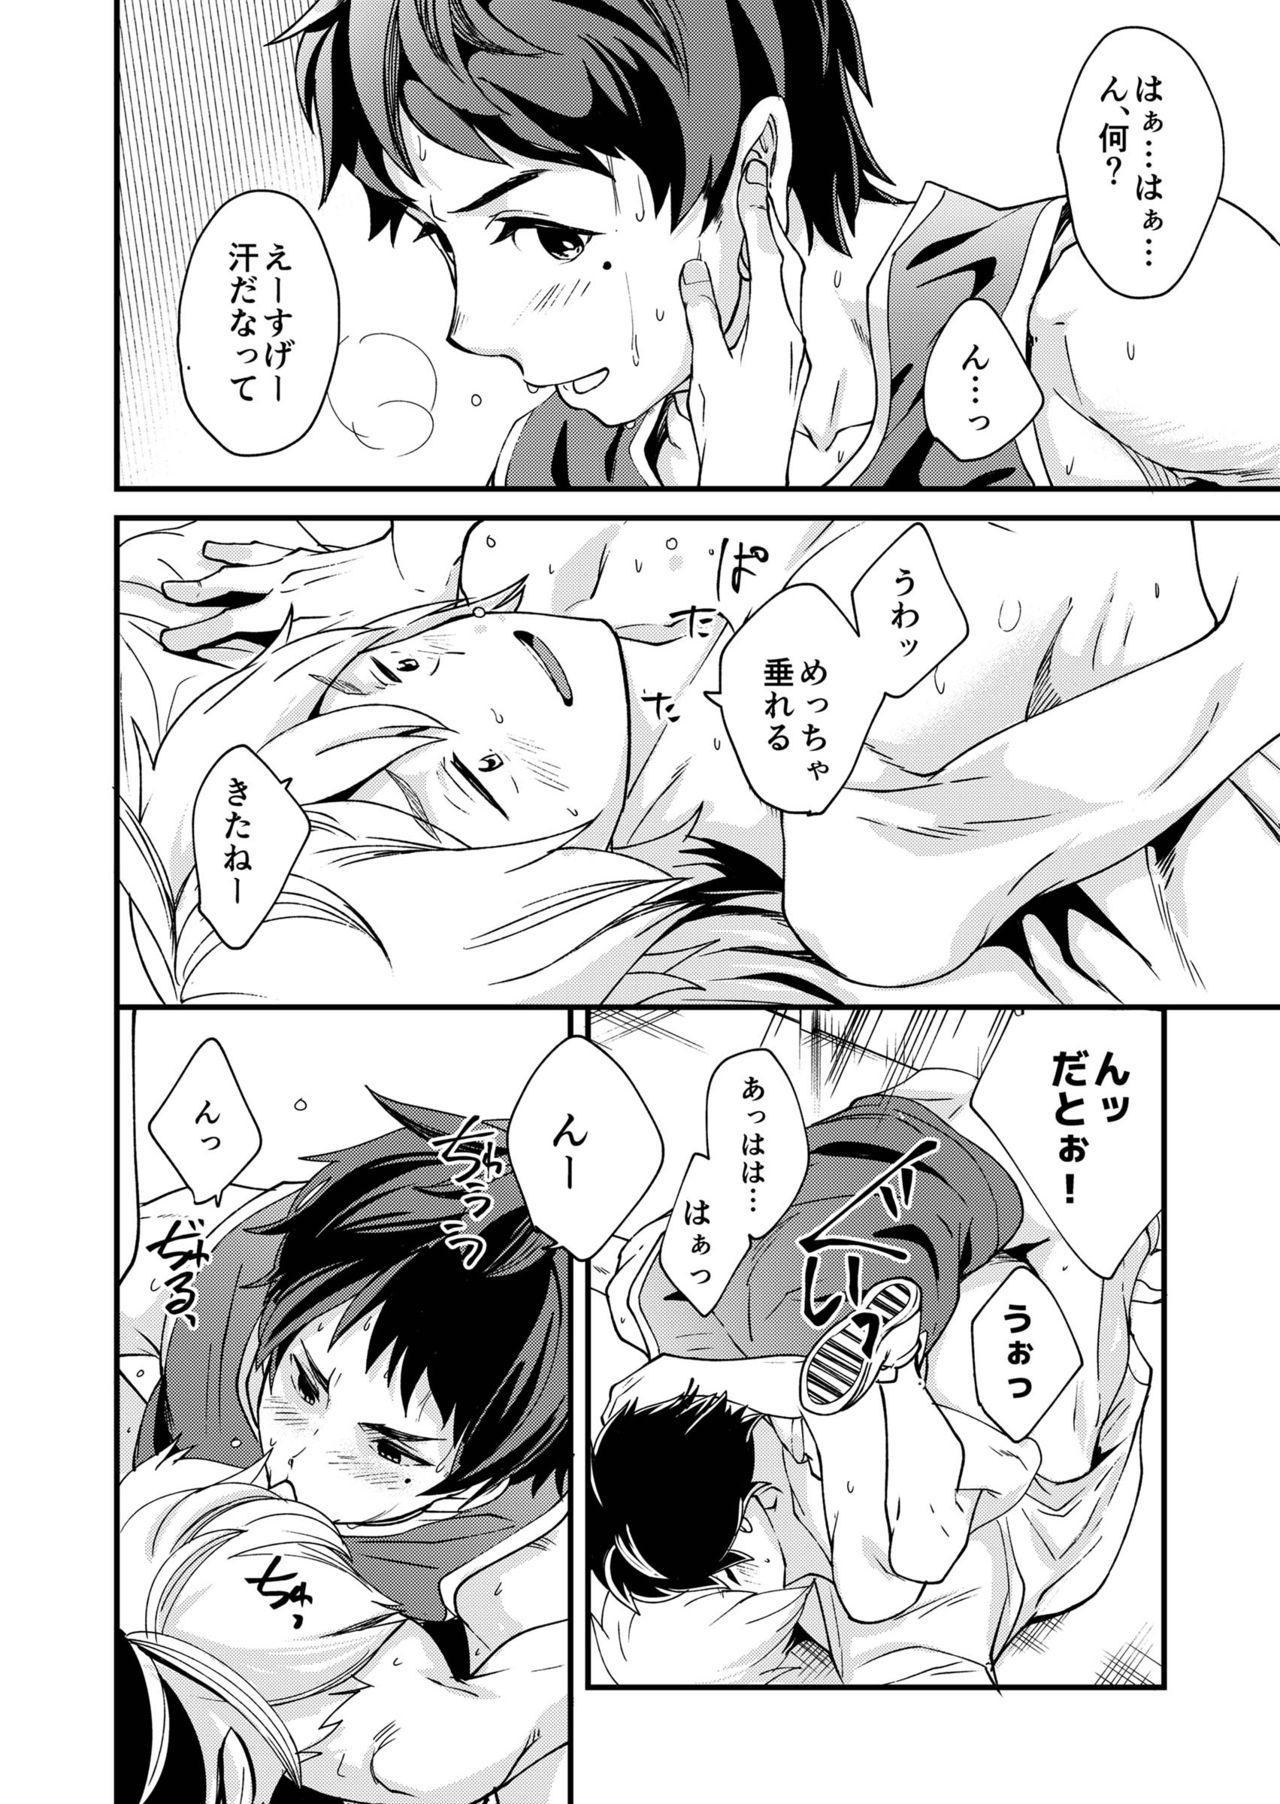 Emaru-kun ga Ienai Koto 21